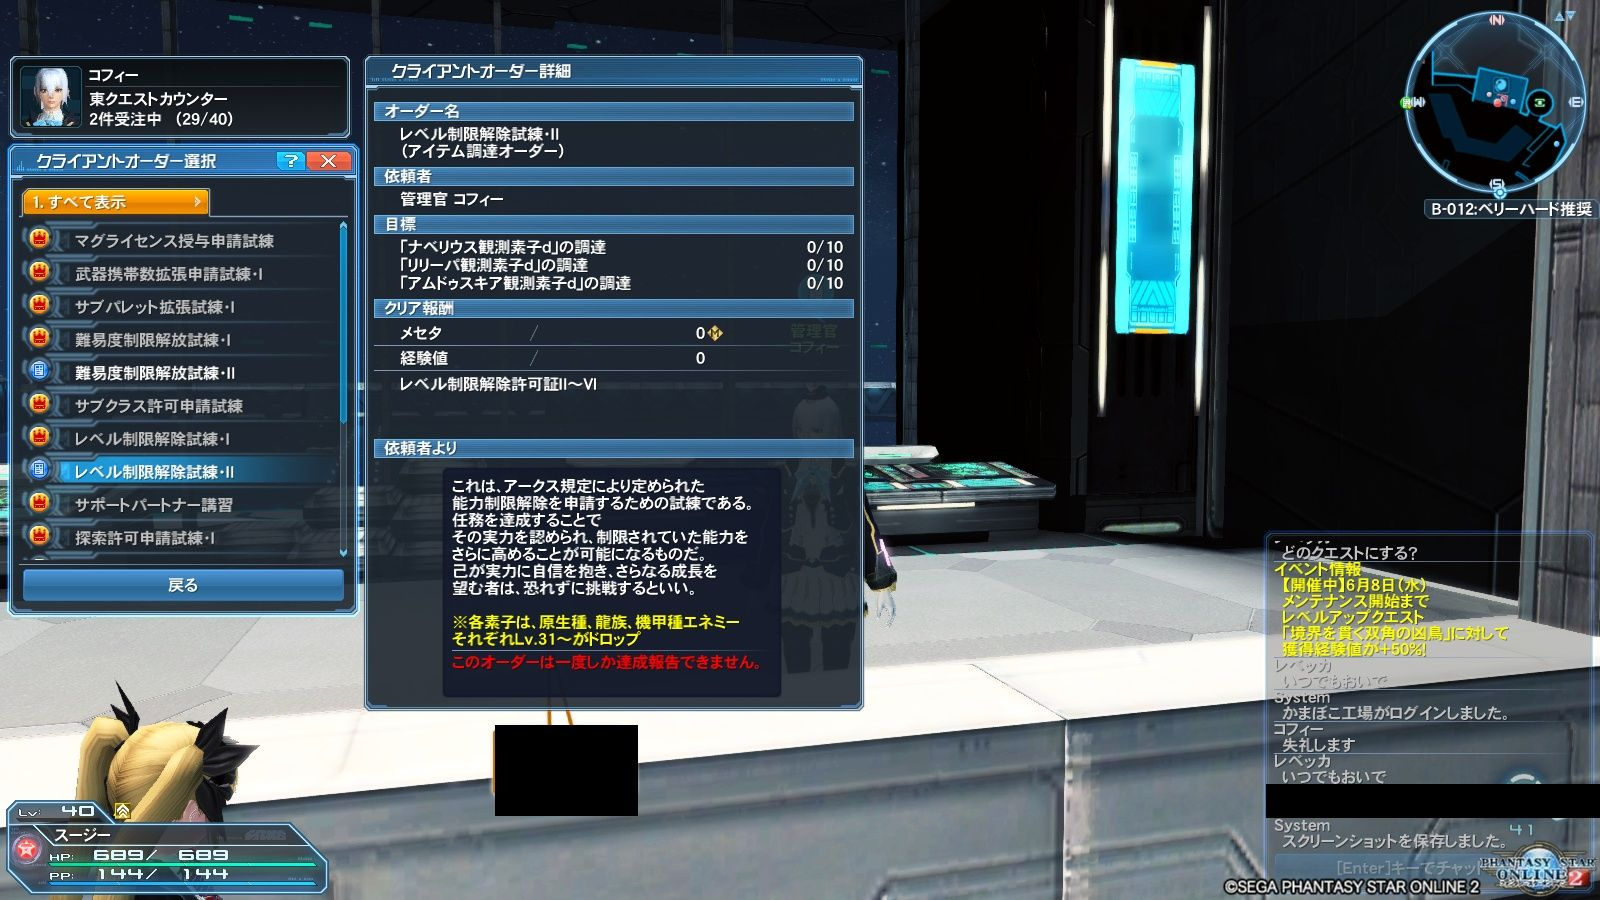 レベル制限解除試練2